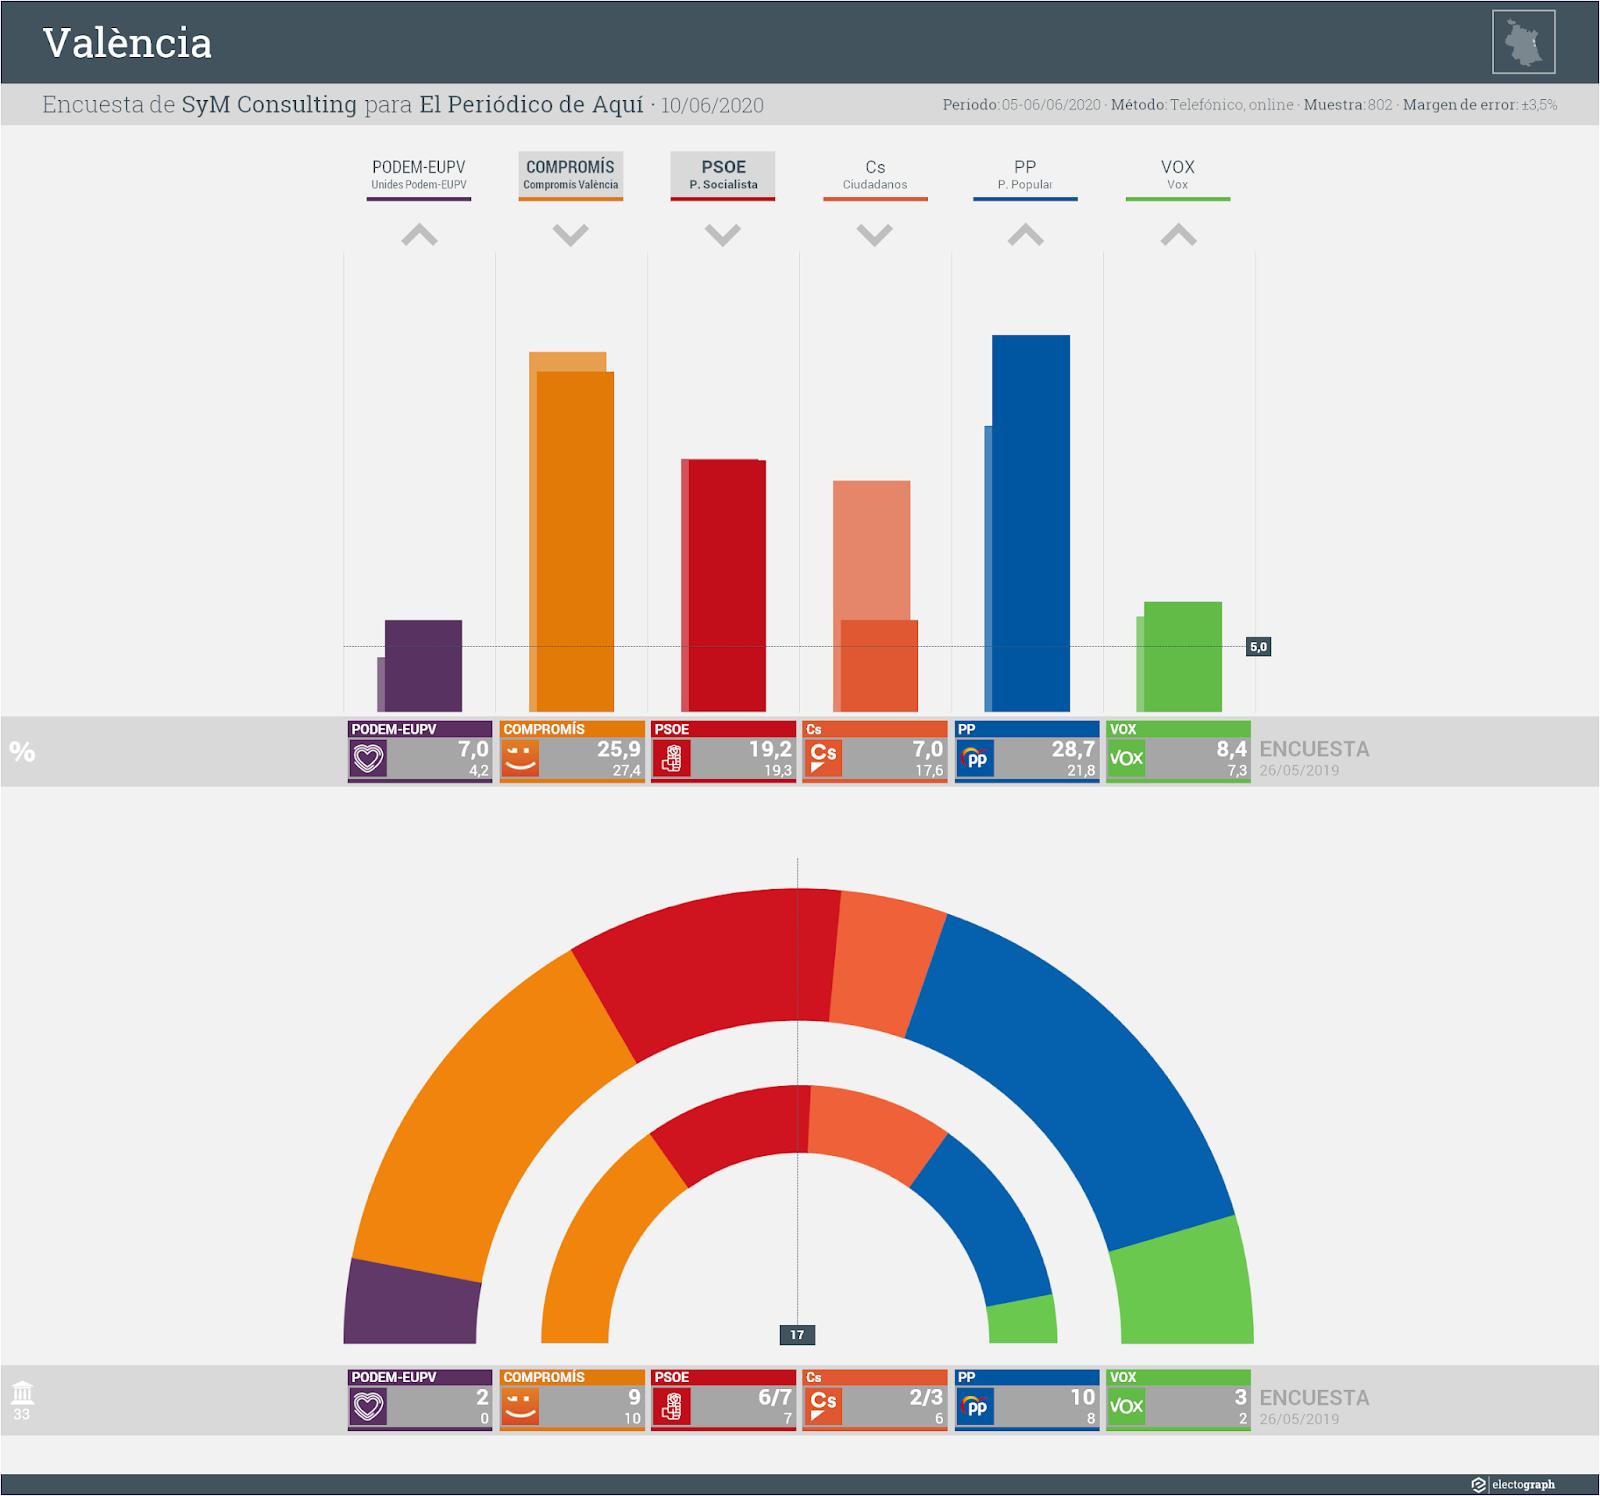 Gráfico de la encuesta para elecciones municipales en València realizada por SyM Consulting para El Periódico de Aquí, 10 de junio de 2020